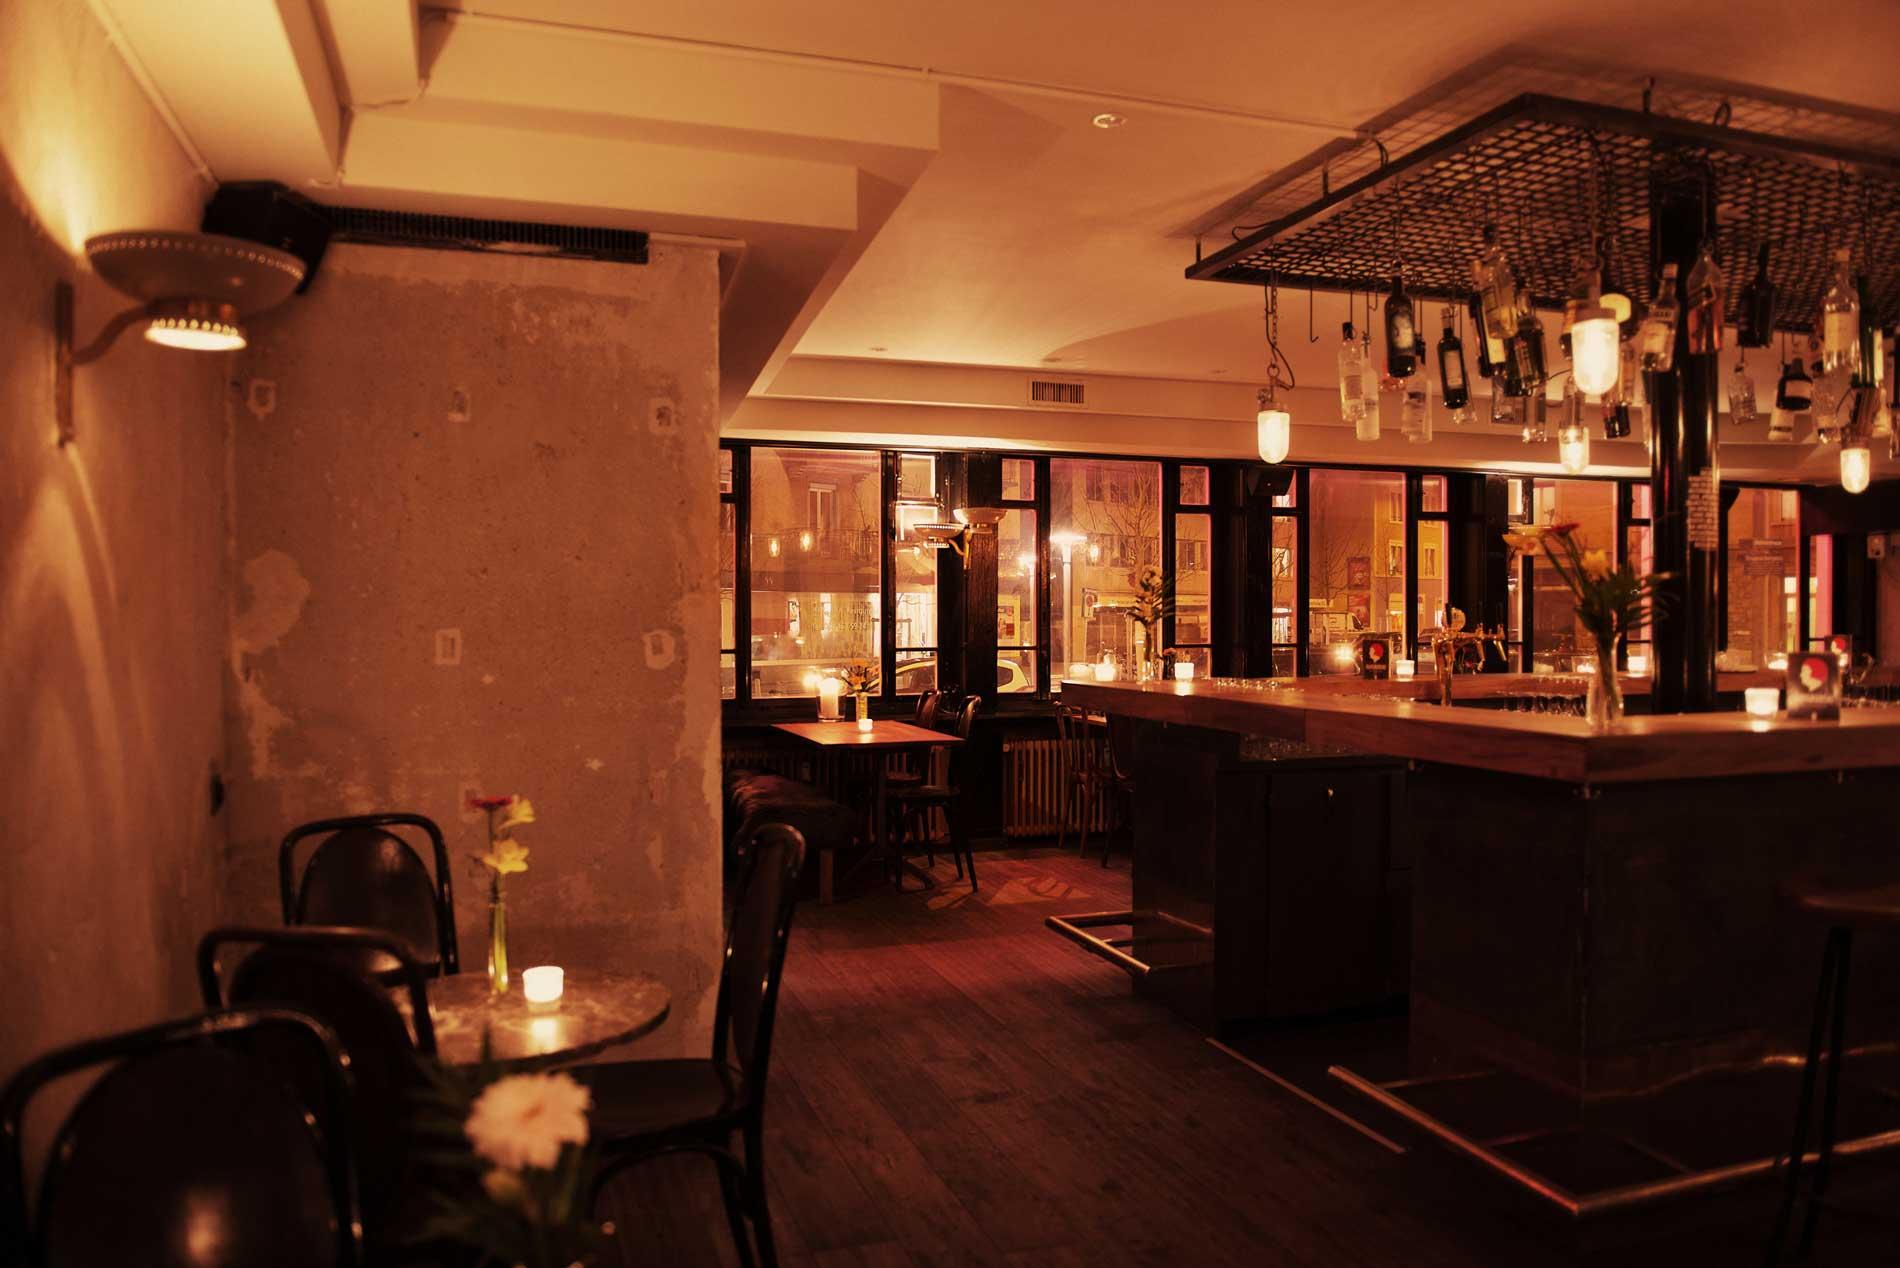 Sieben Bars in Zürich: Wie vielfältig ist die renommierte Cocktail-Stadt wirklich?